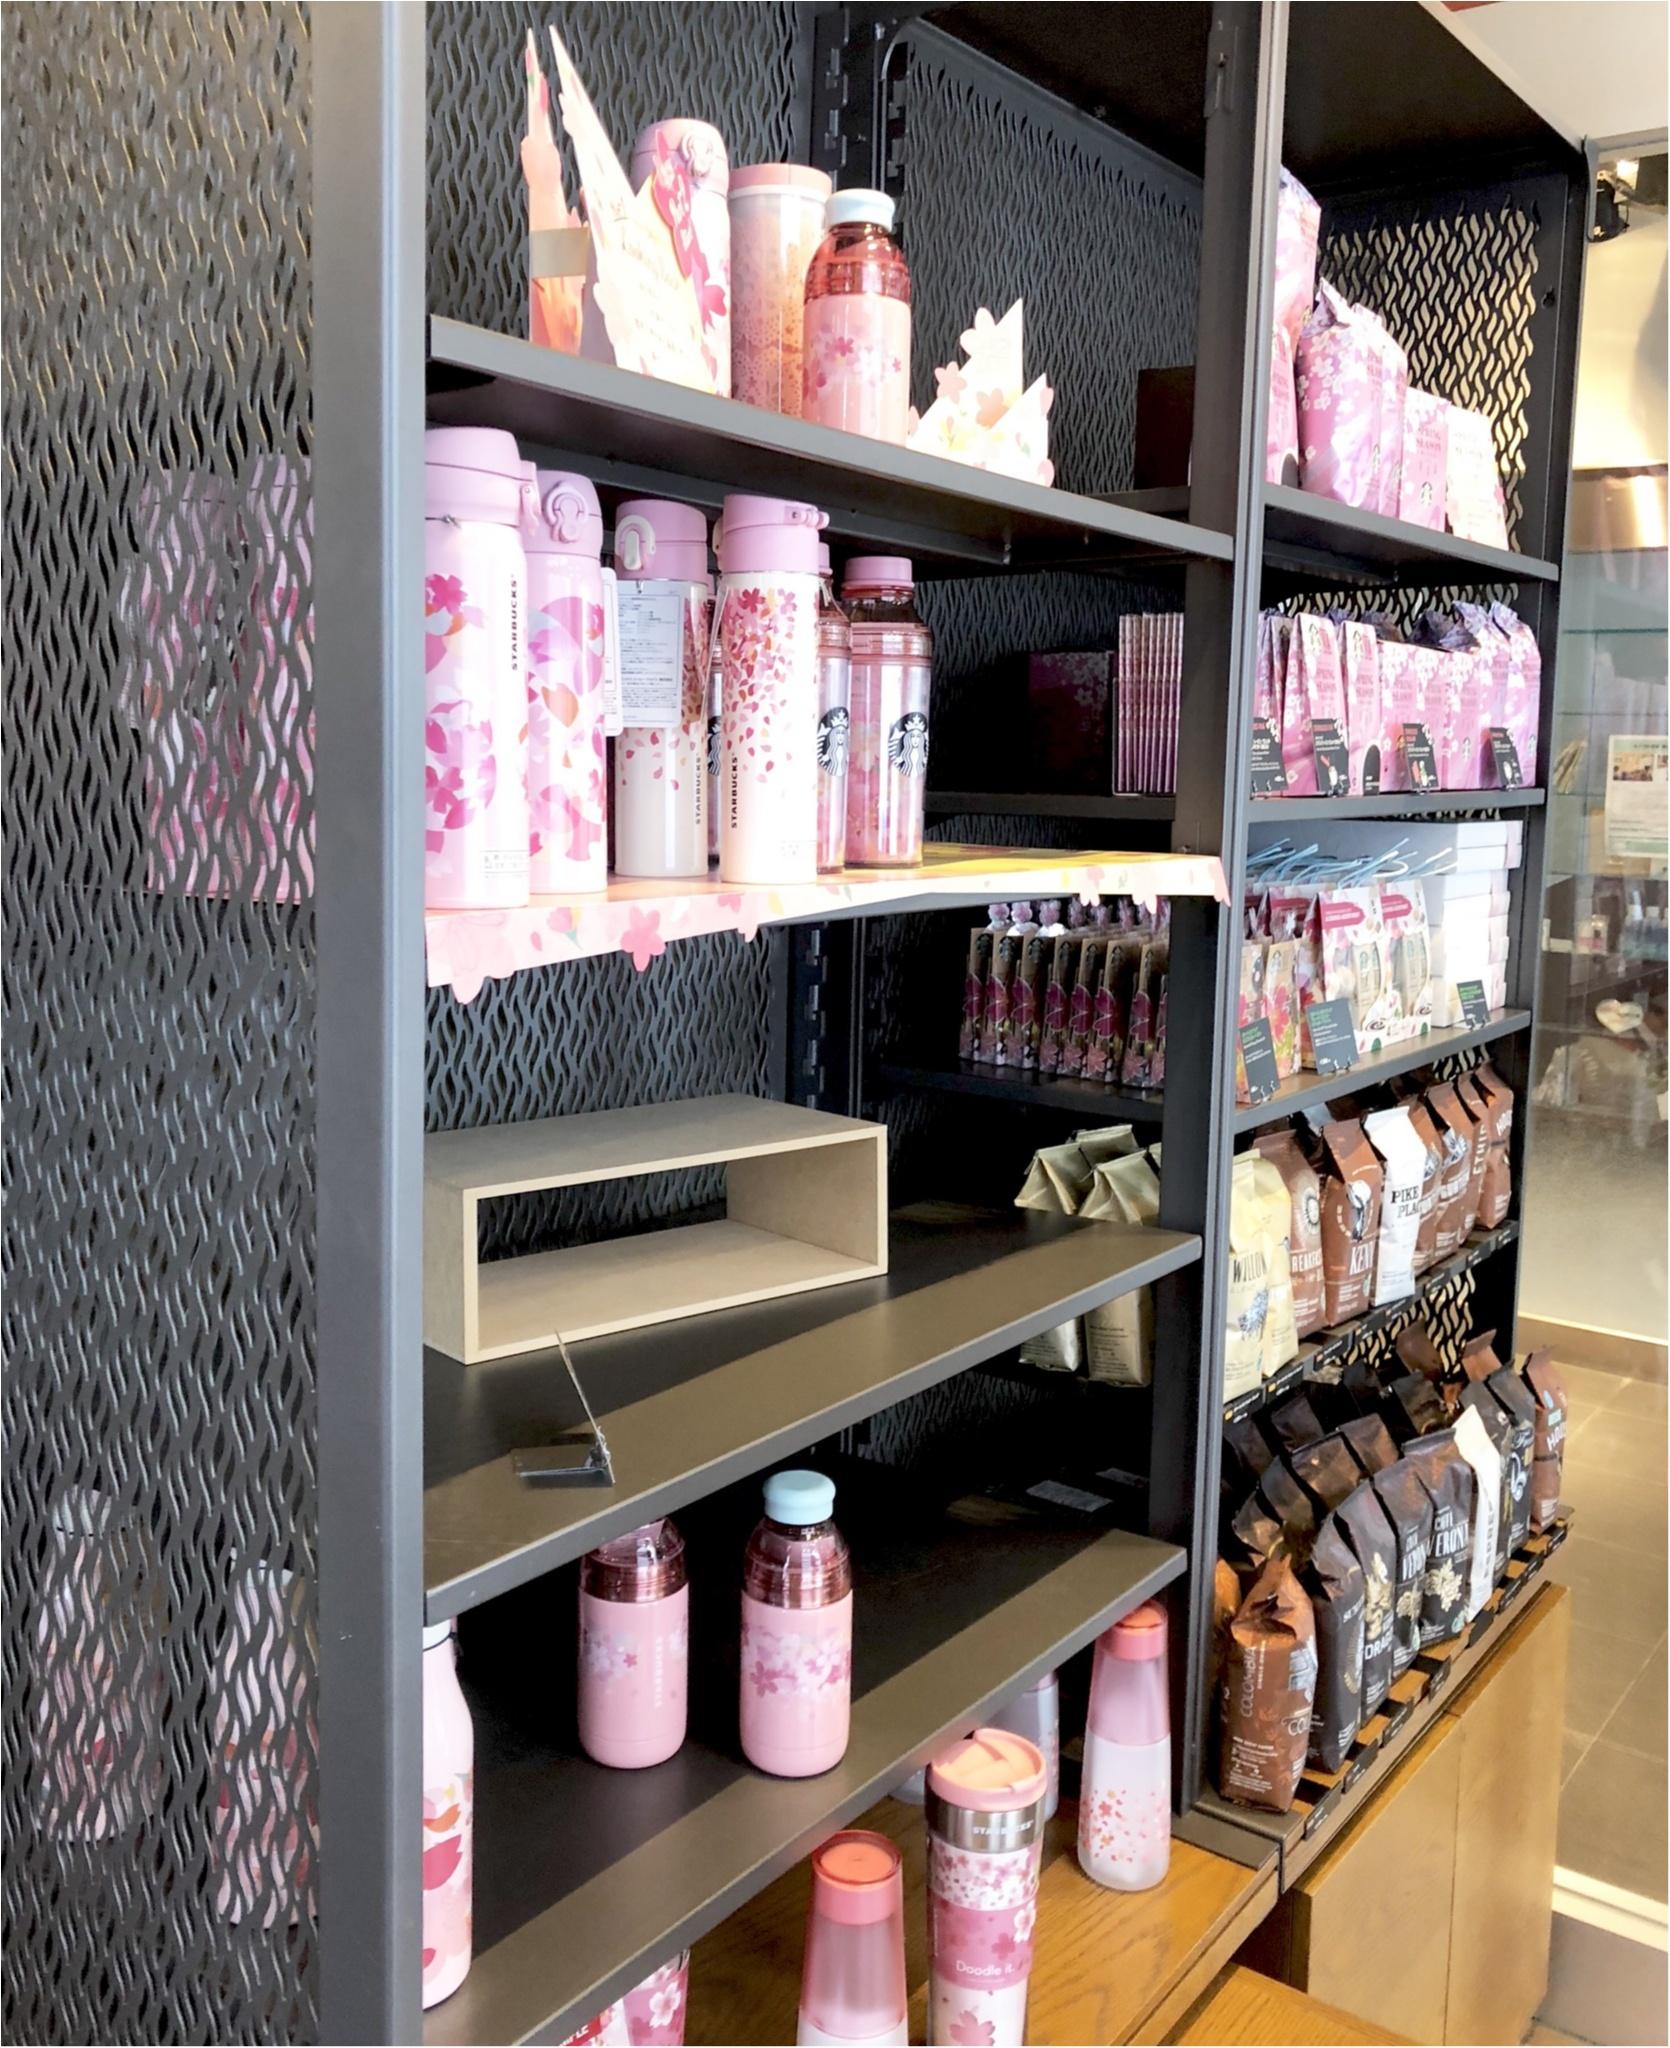 【スタバ】今年も桜の季節がやってきた❤️《さくらストロベリーピンクもちフラペチーノ》は新感覚のおいしさ!_5